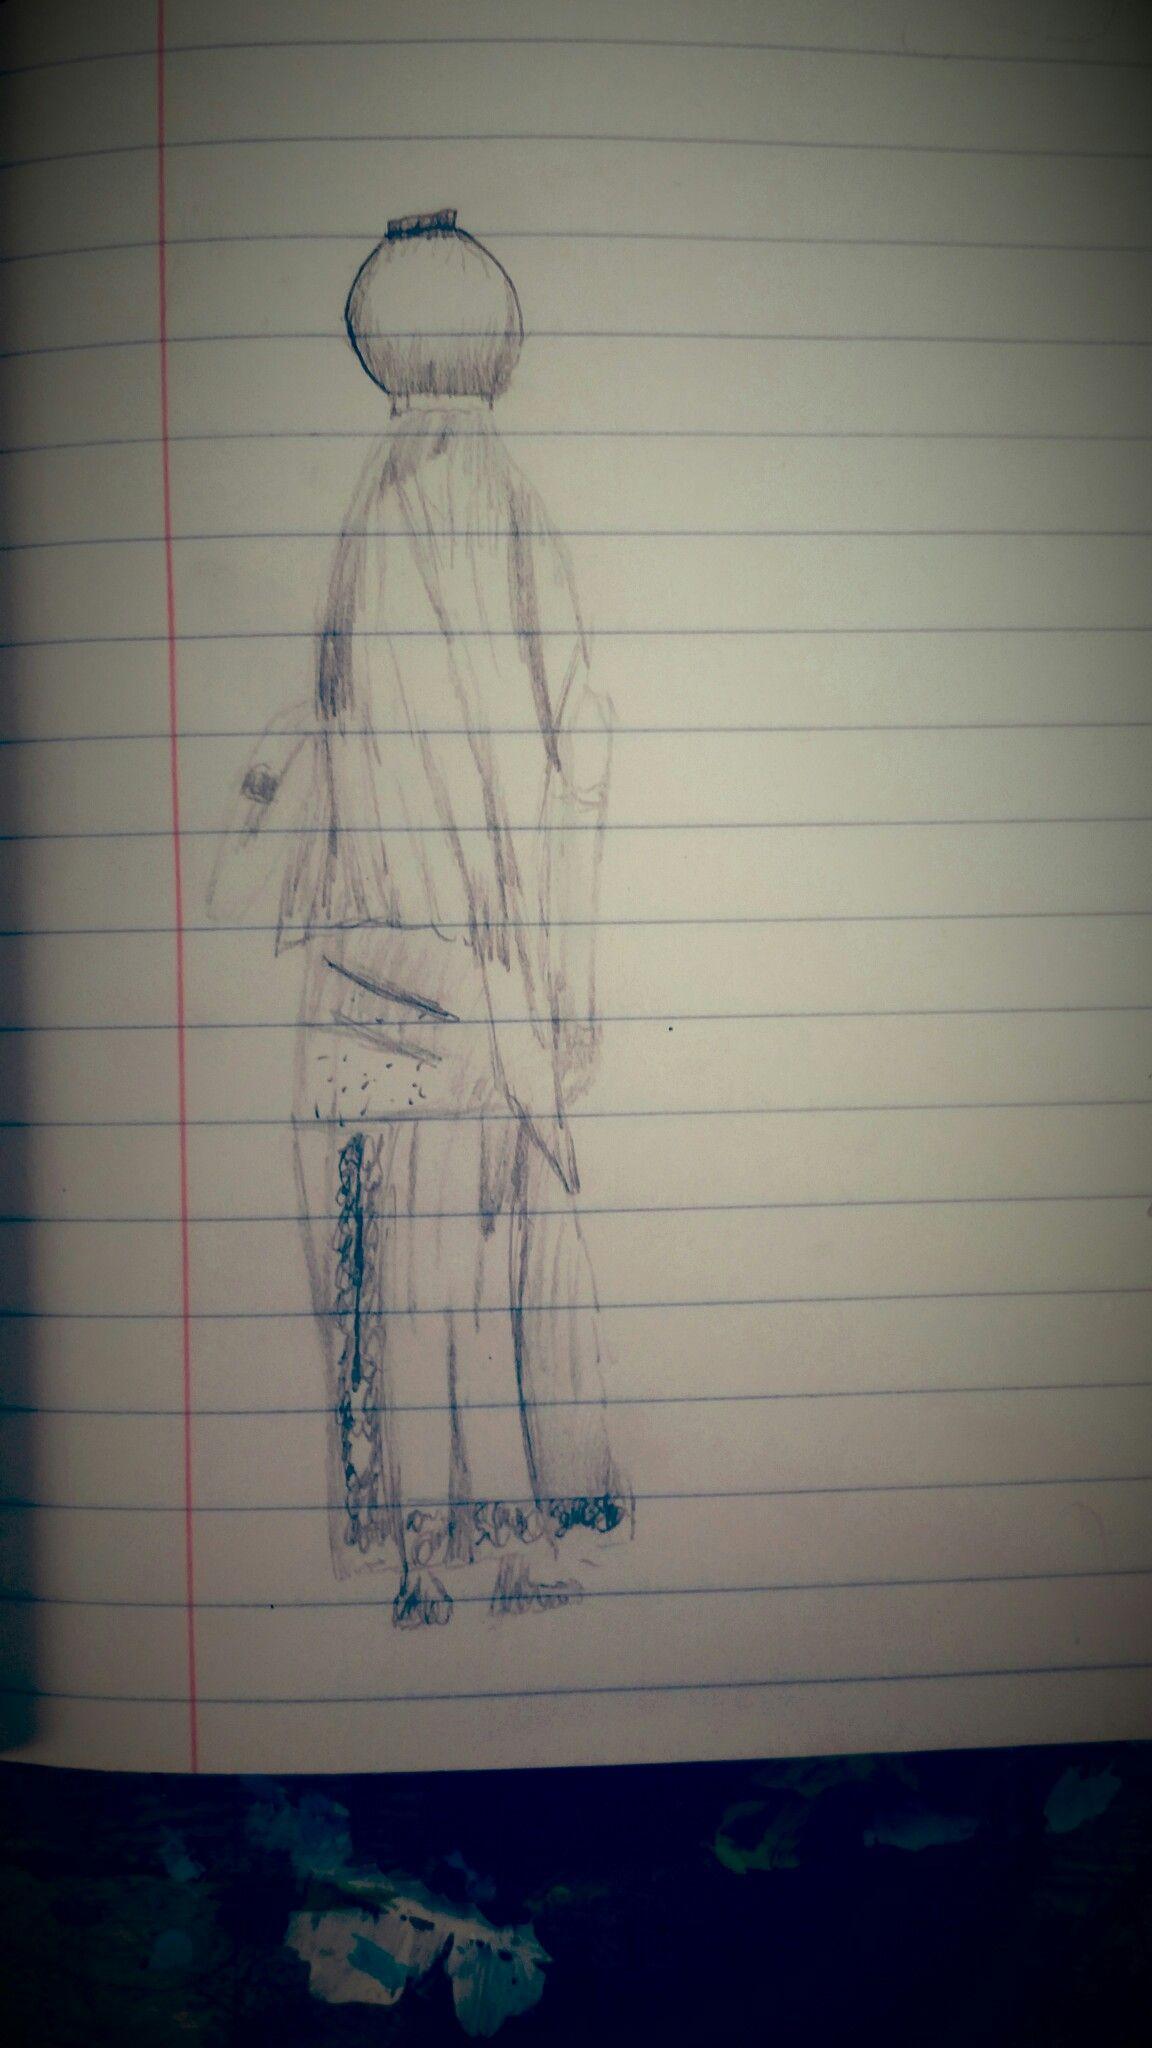 Women sketch by Nestor Torres #doodle #art